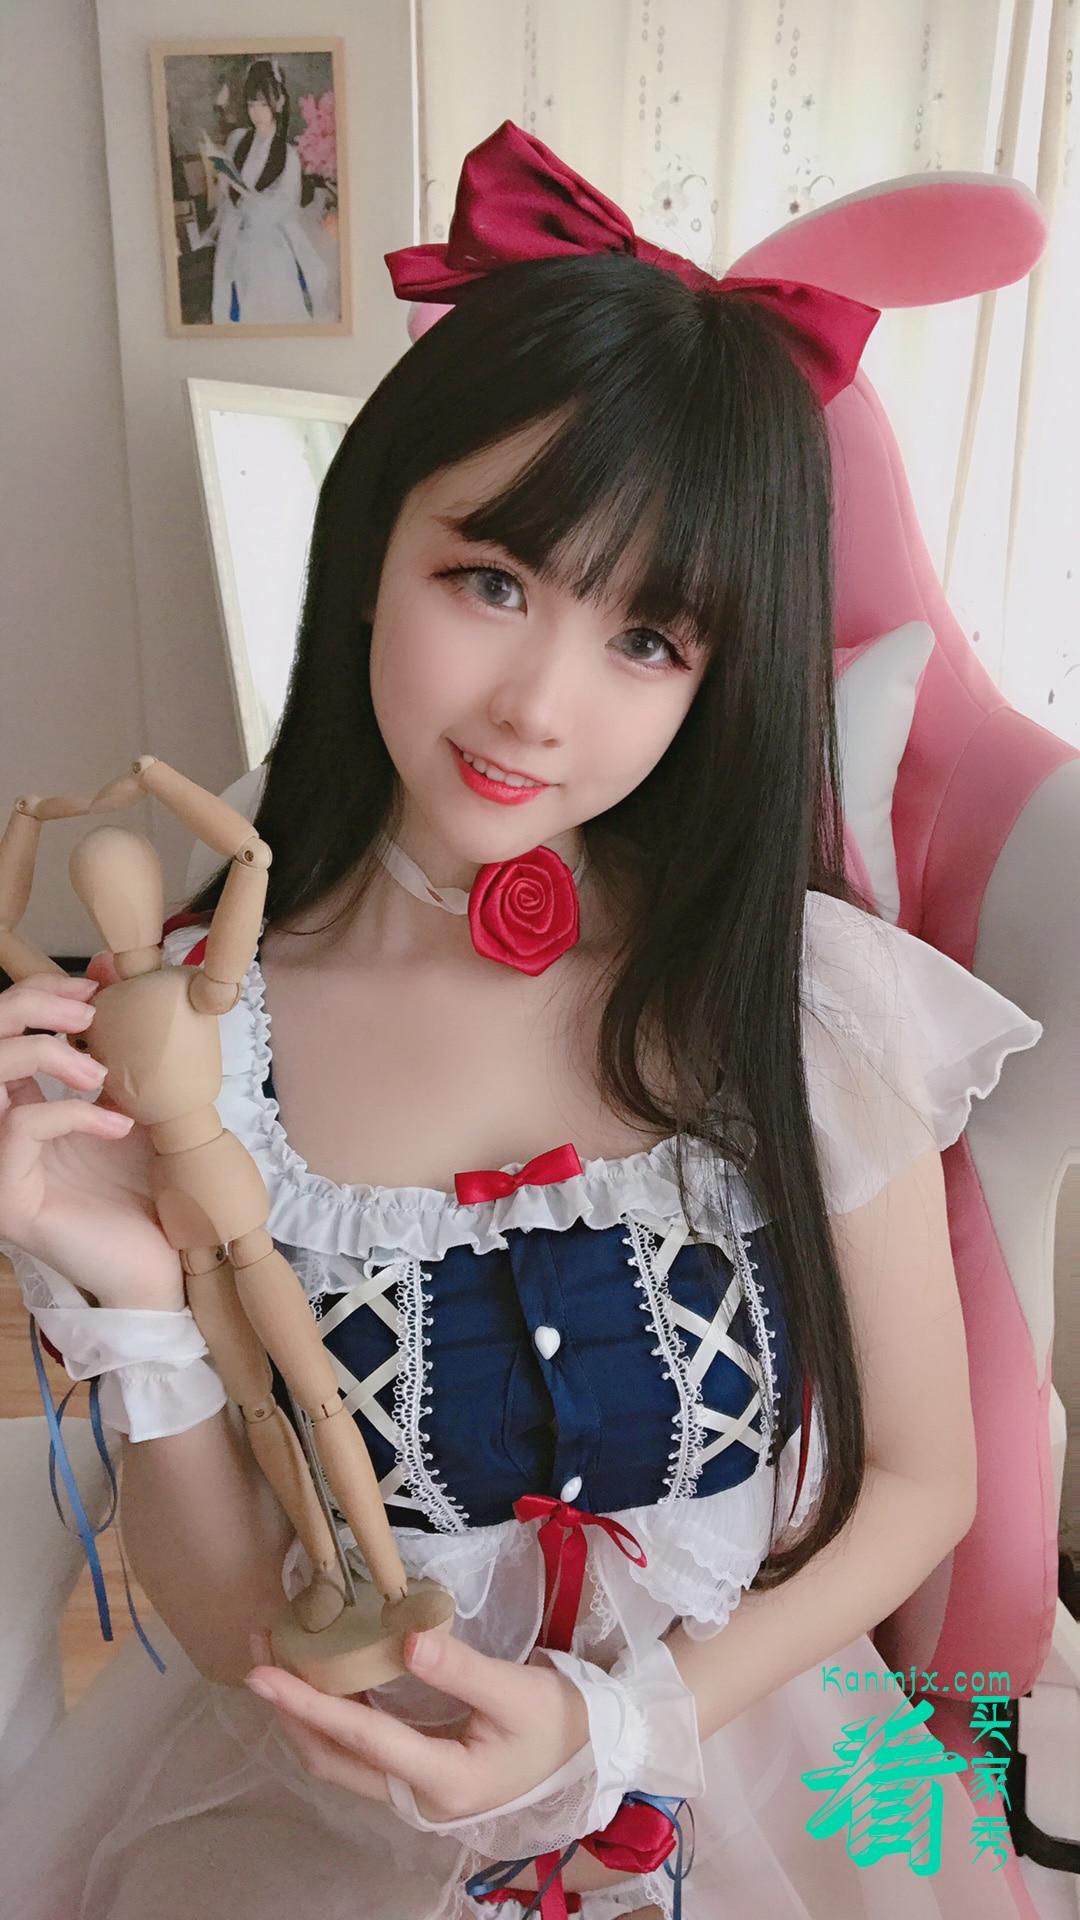 [七了个三]雪姬镂空透视装买家秀,白雪姬真是梦中情裙1